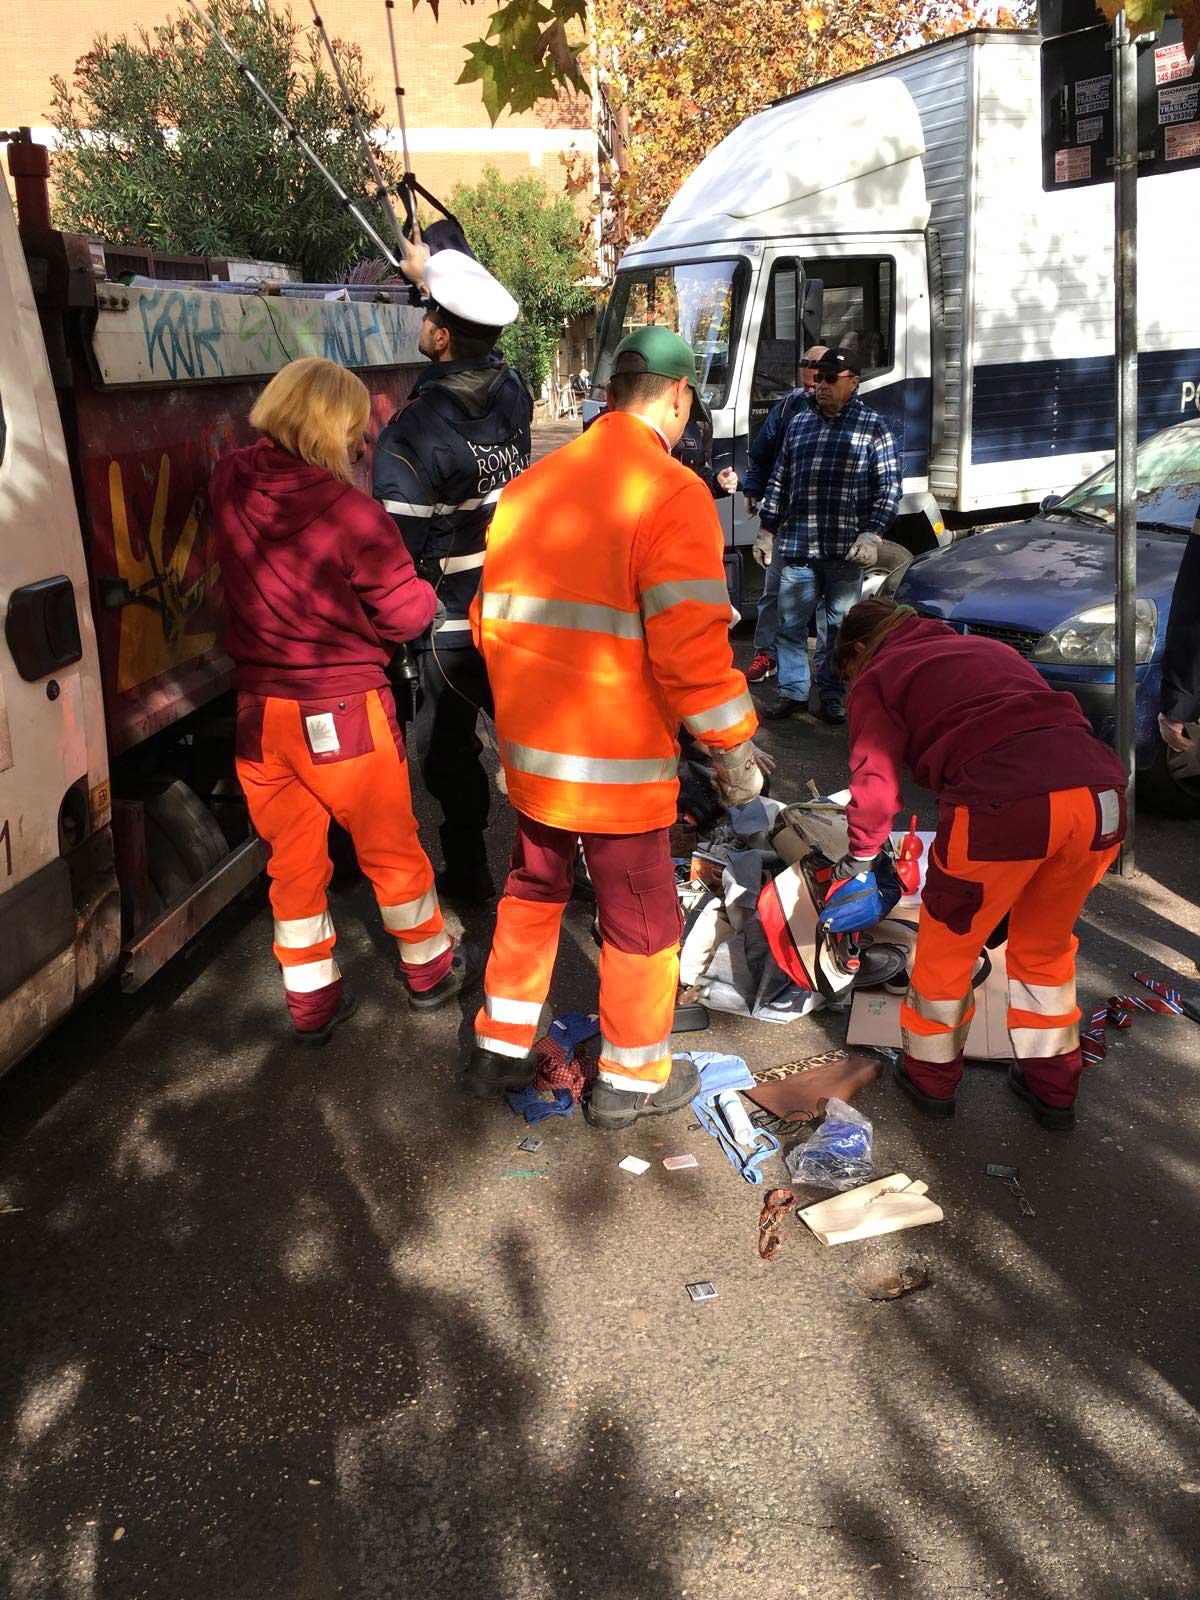 Roma, in via del Quadraro la Polizia Locale interviene contro i venditori abusivi